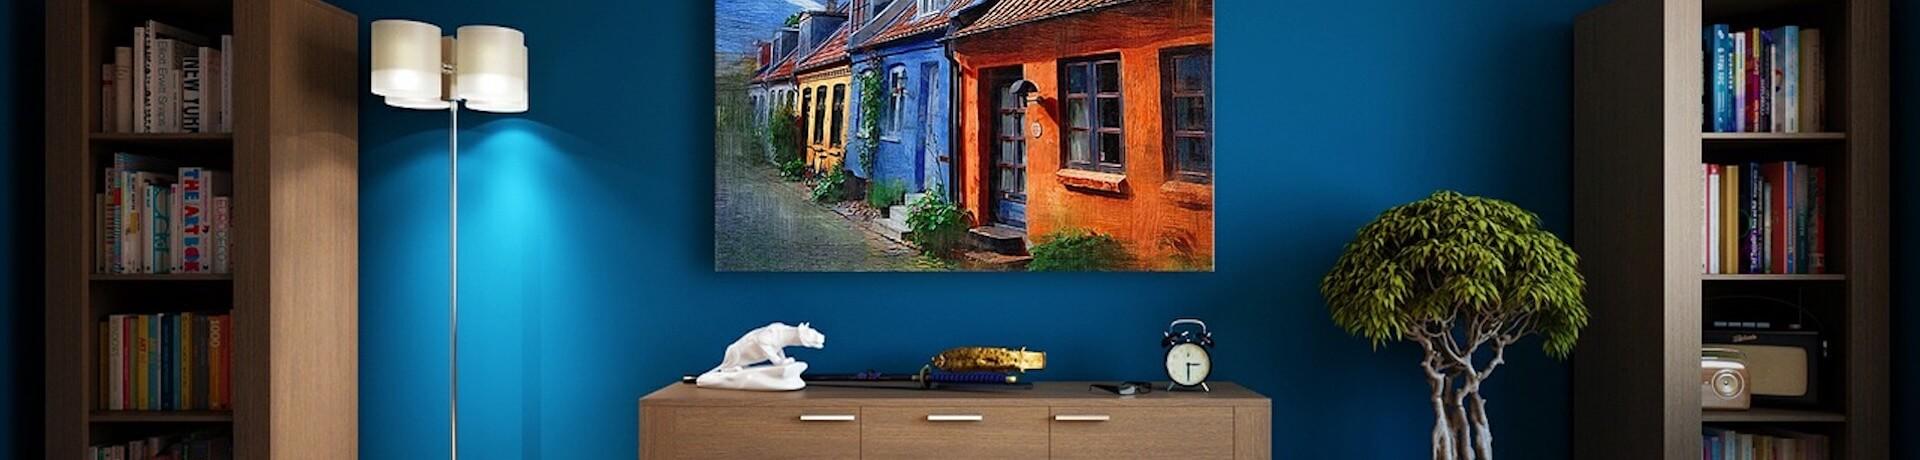 haus im alter verkaufen und wohnung mieten blog. Black Bedroom Furniture Sets. Home Design Ideas